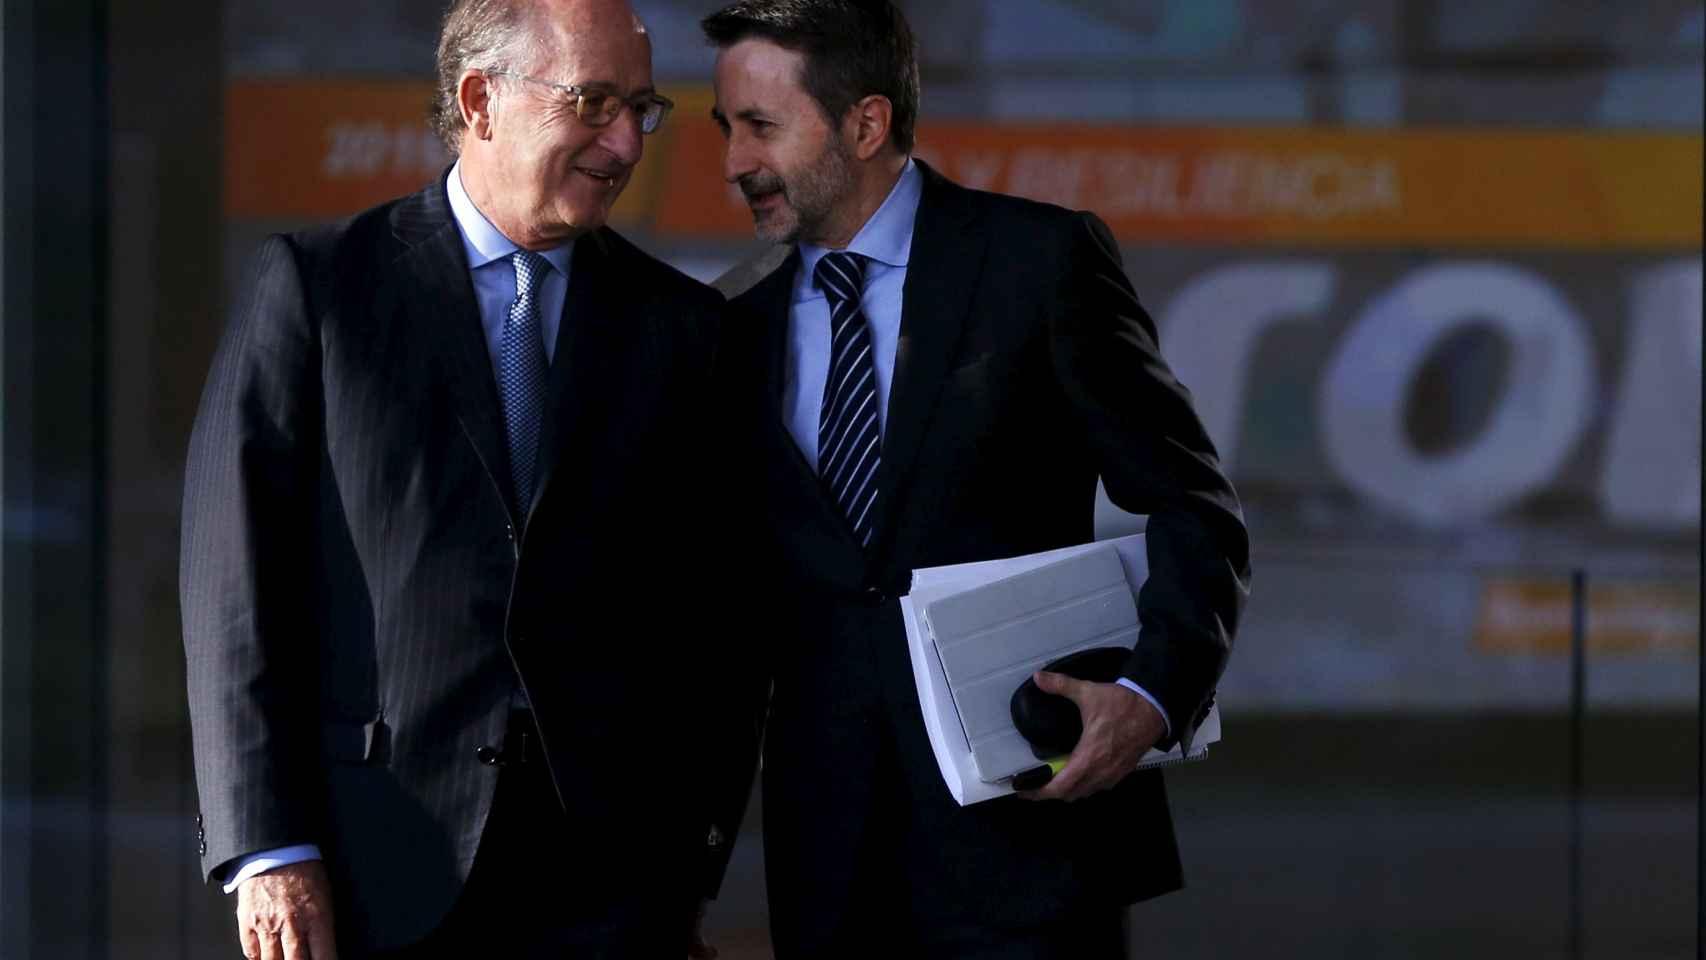 El consejero delegado de Repsol, Josu Jon Imaz (dcha.), junto a su presidente, Antonio Brufau.